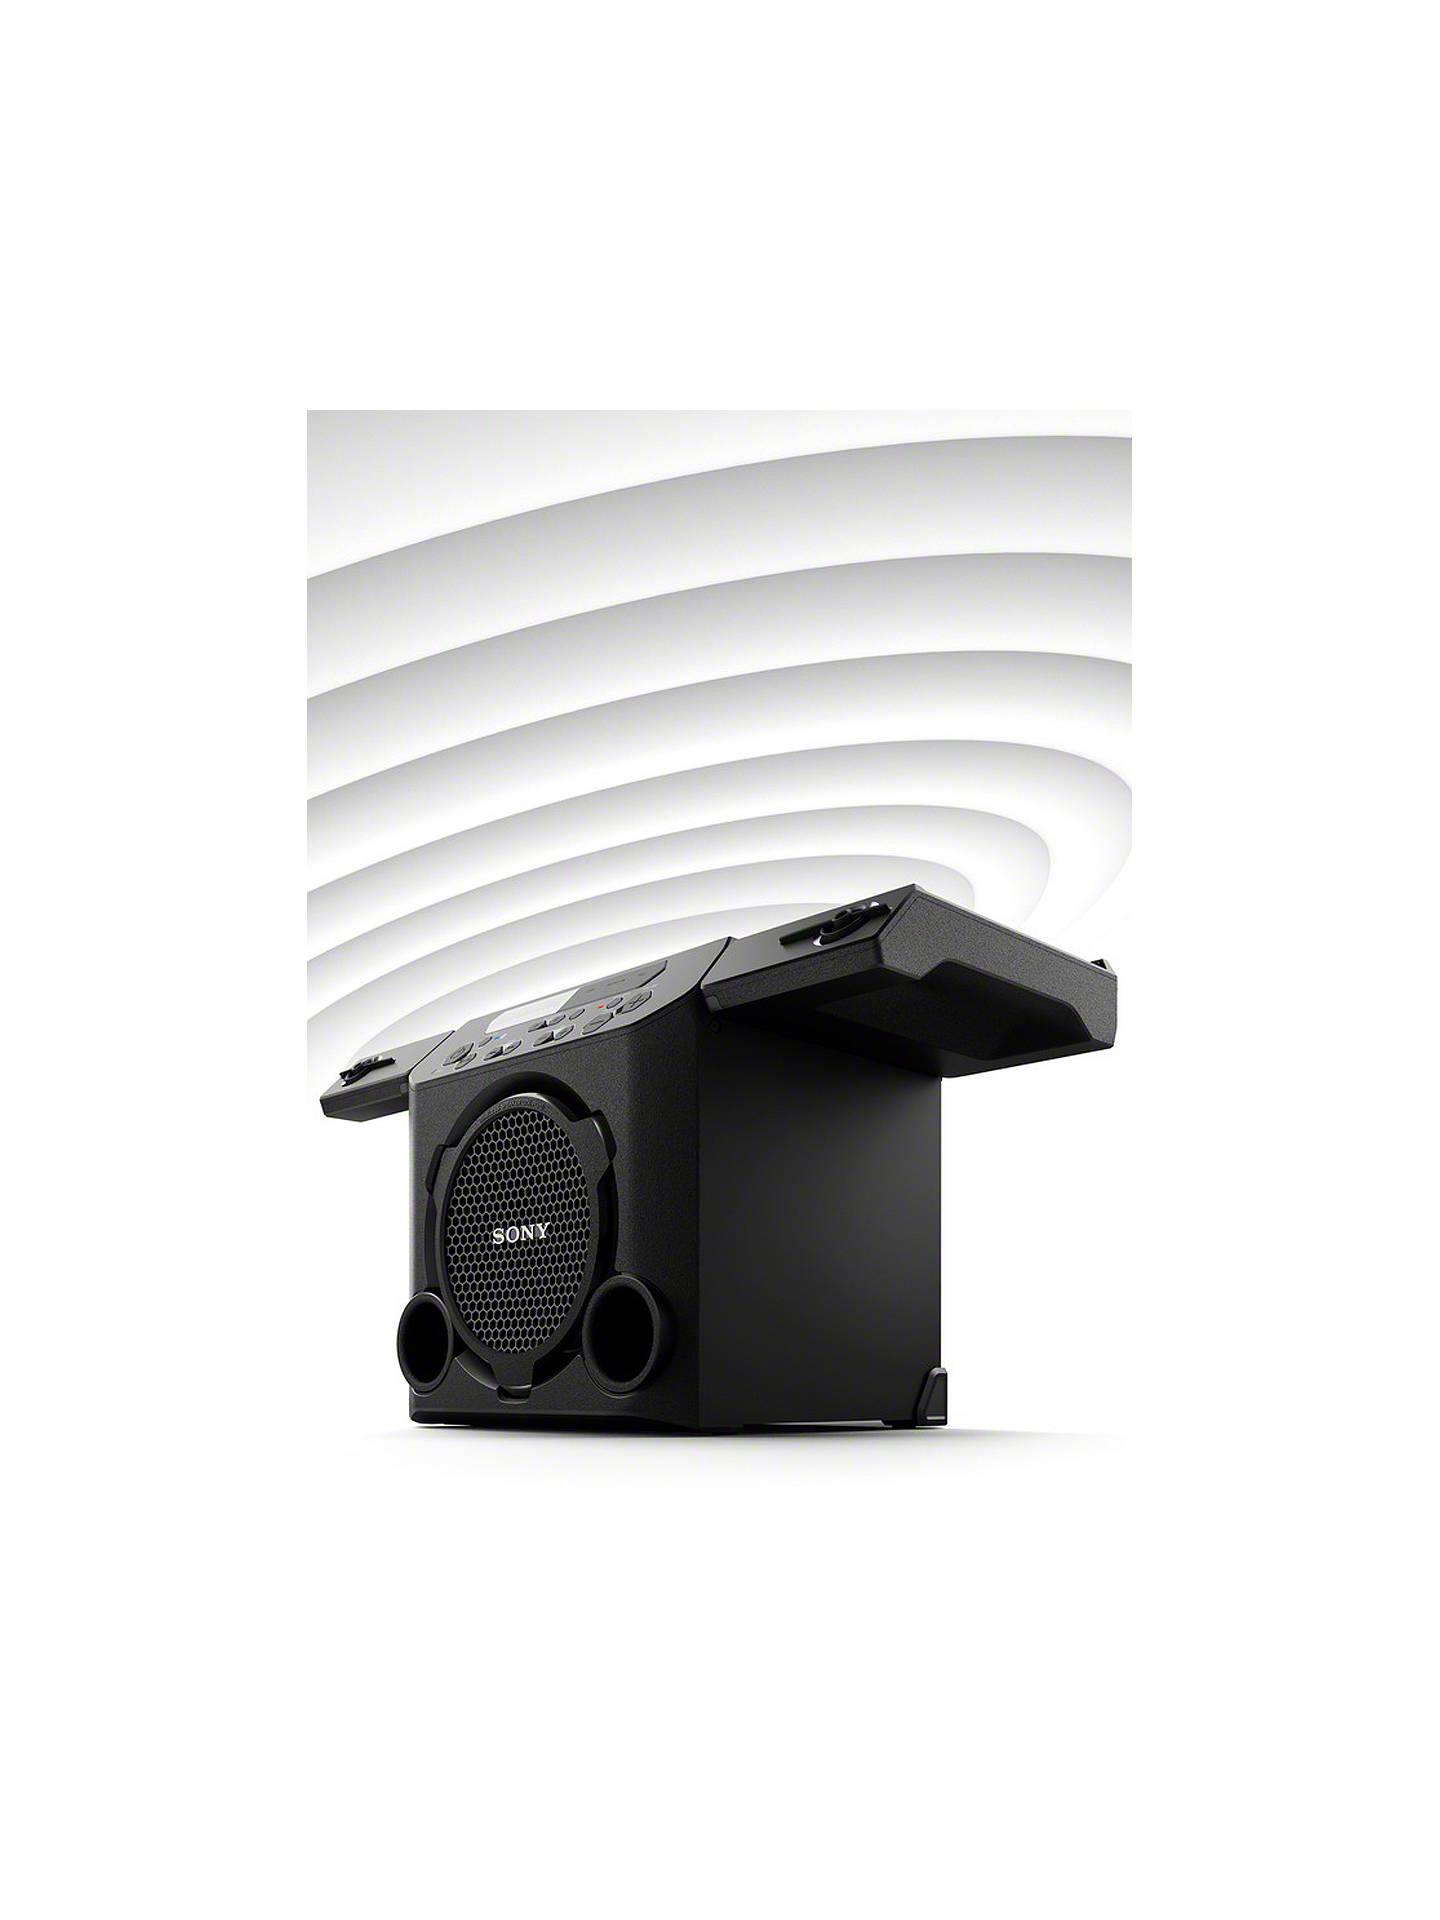 Sony GTK-PG10 Outdoor Wireless Bluetooth Speaker